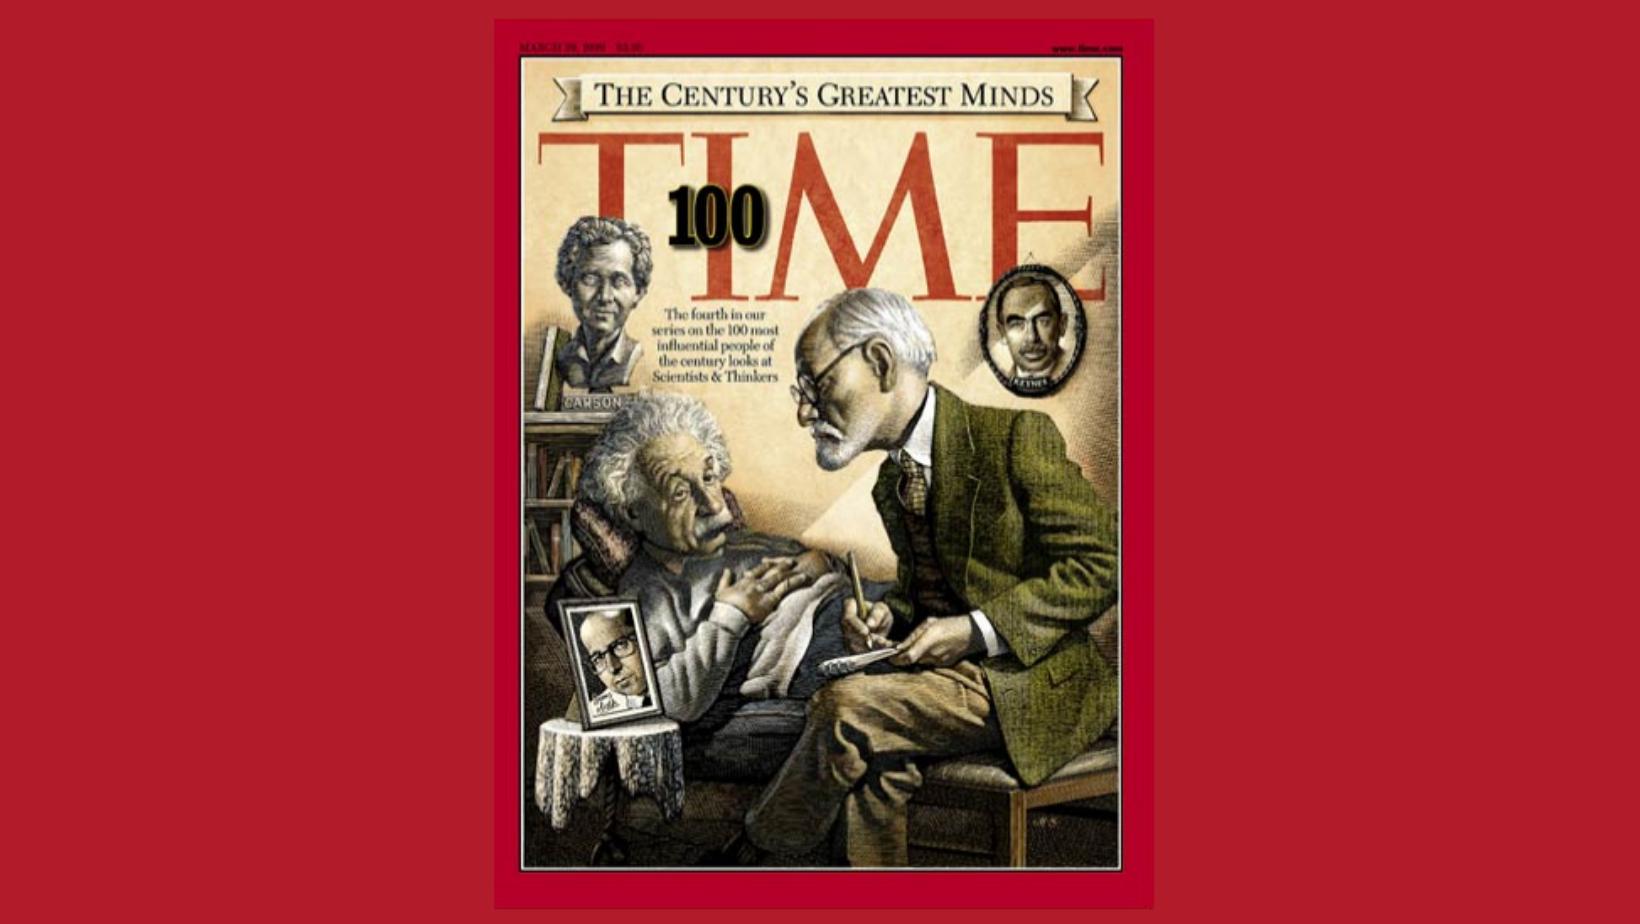 Científicos y Pensadores más influyentes del Siglo XX. Time 100